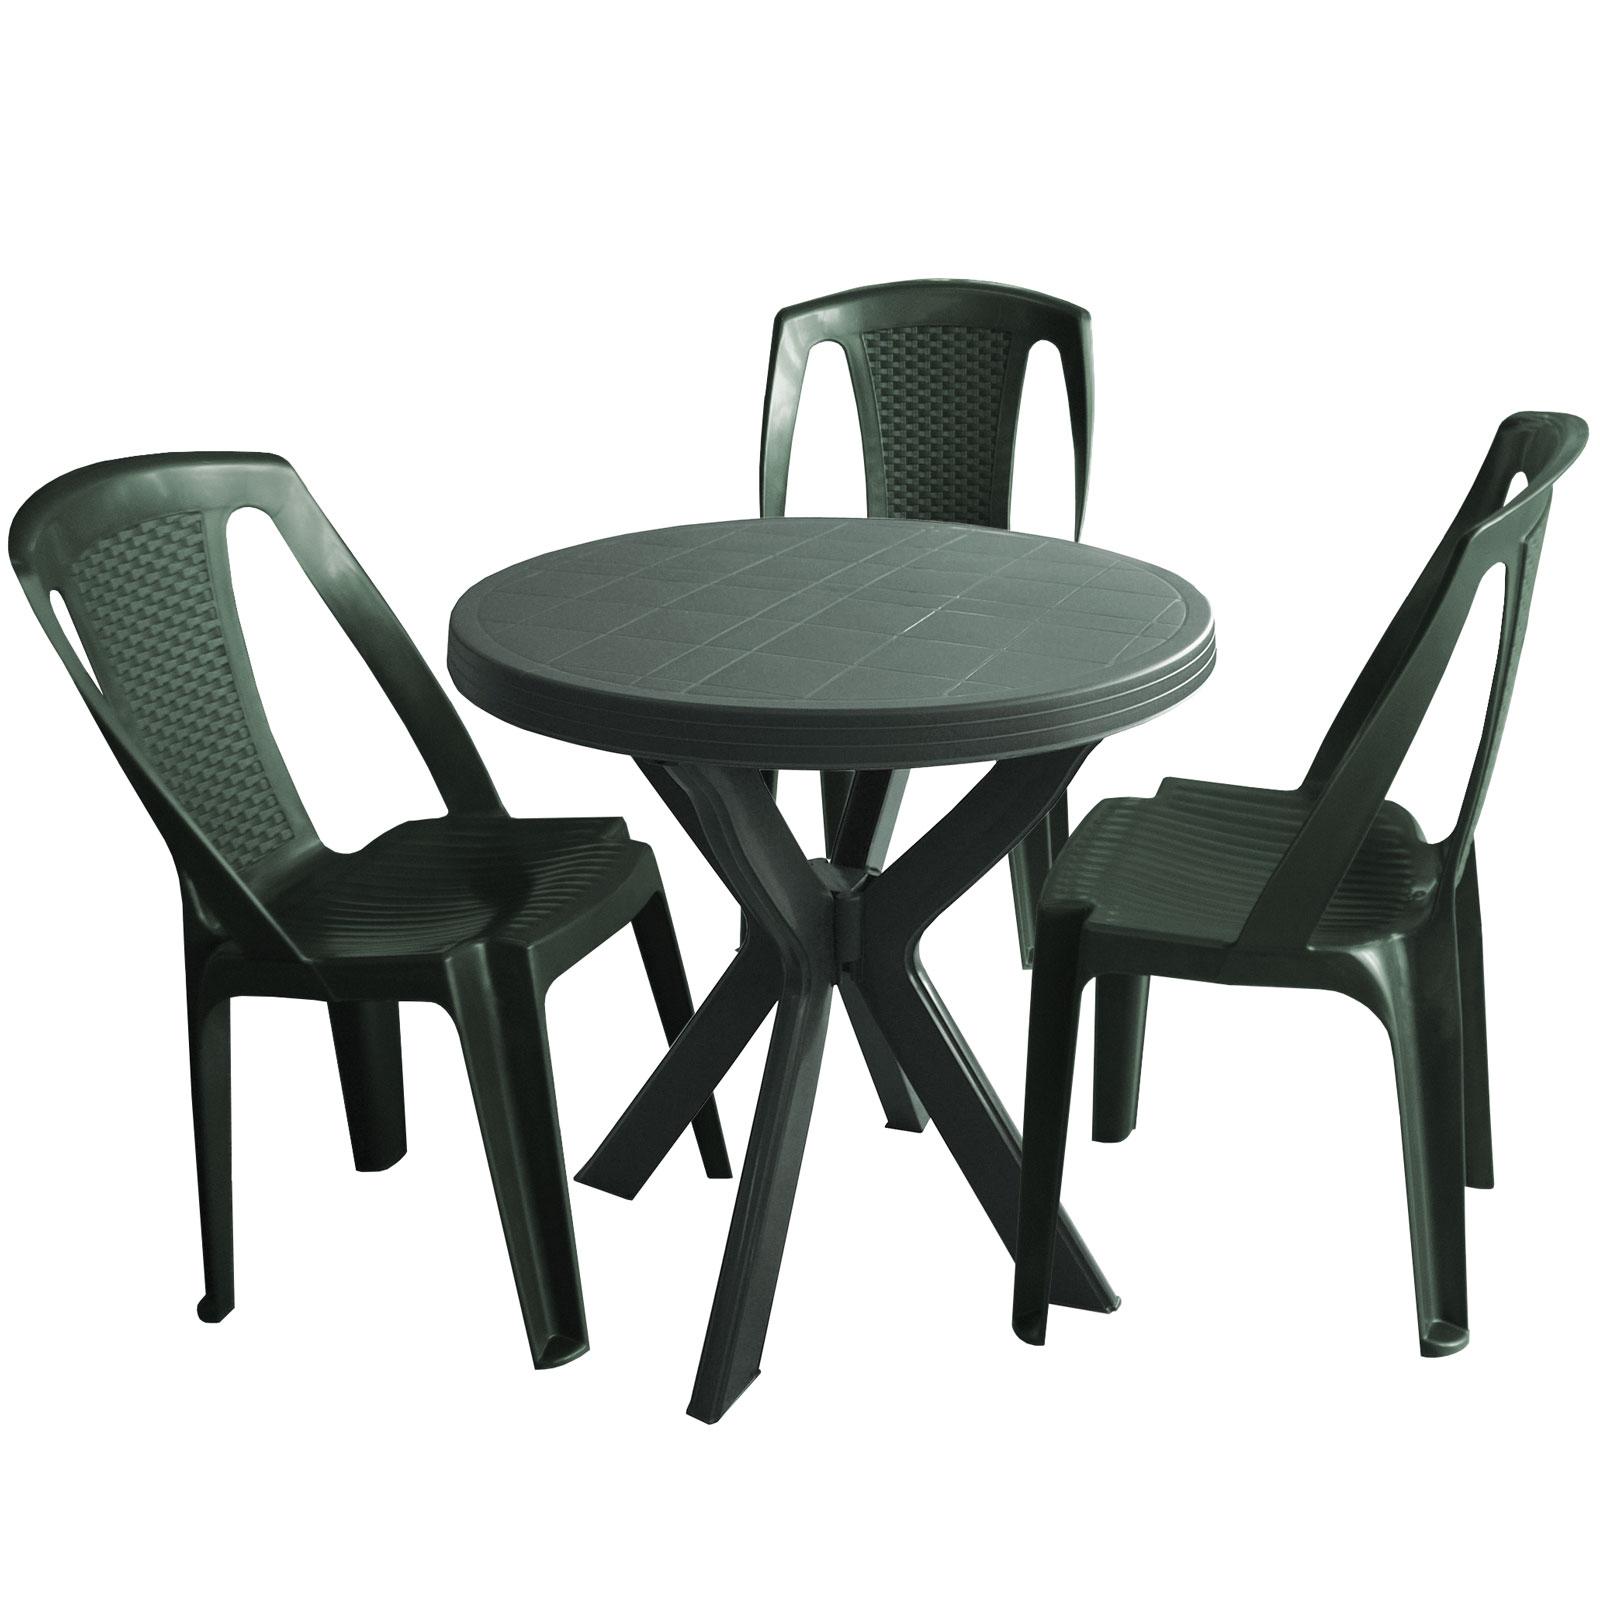 Gartentisch Don ø70cm Kunststoff Grün 3x Stapelstuhl Dunkelgrün